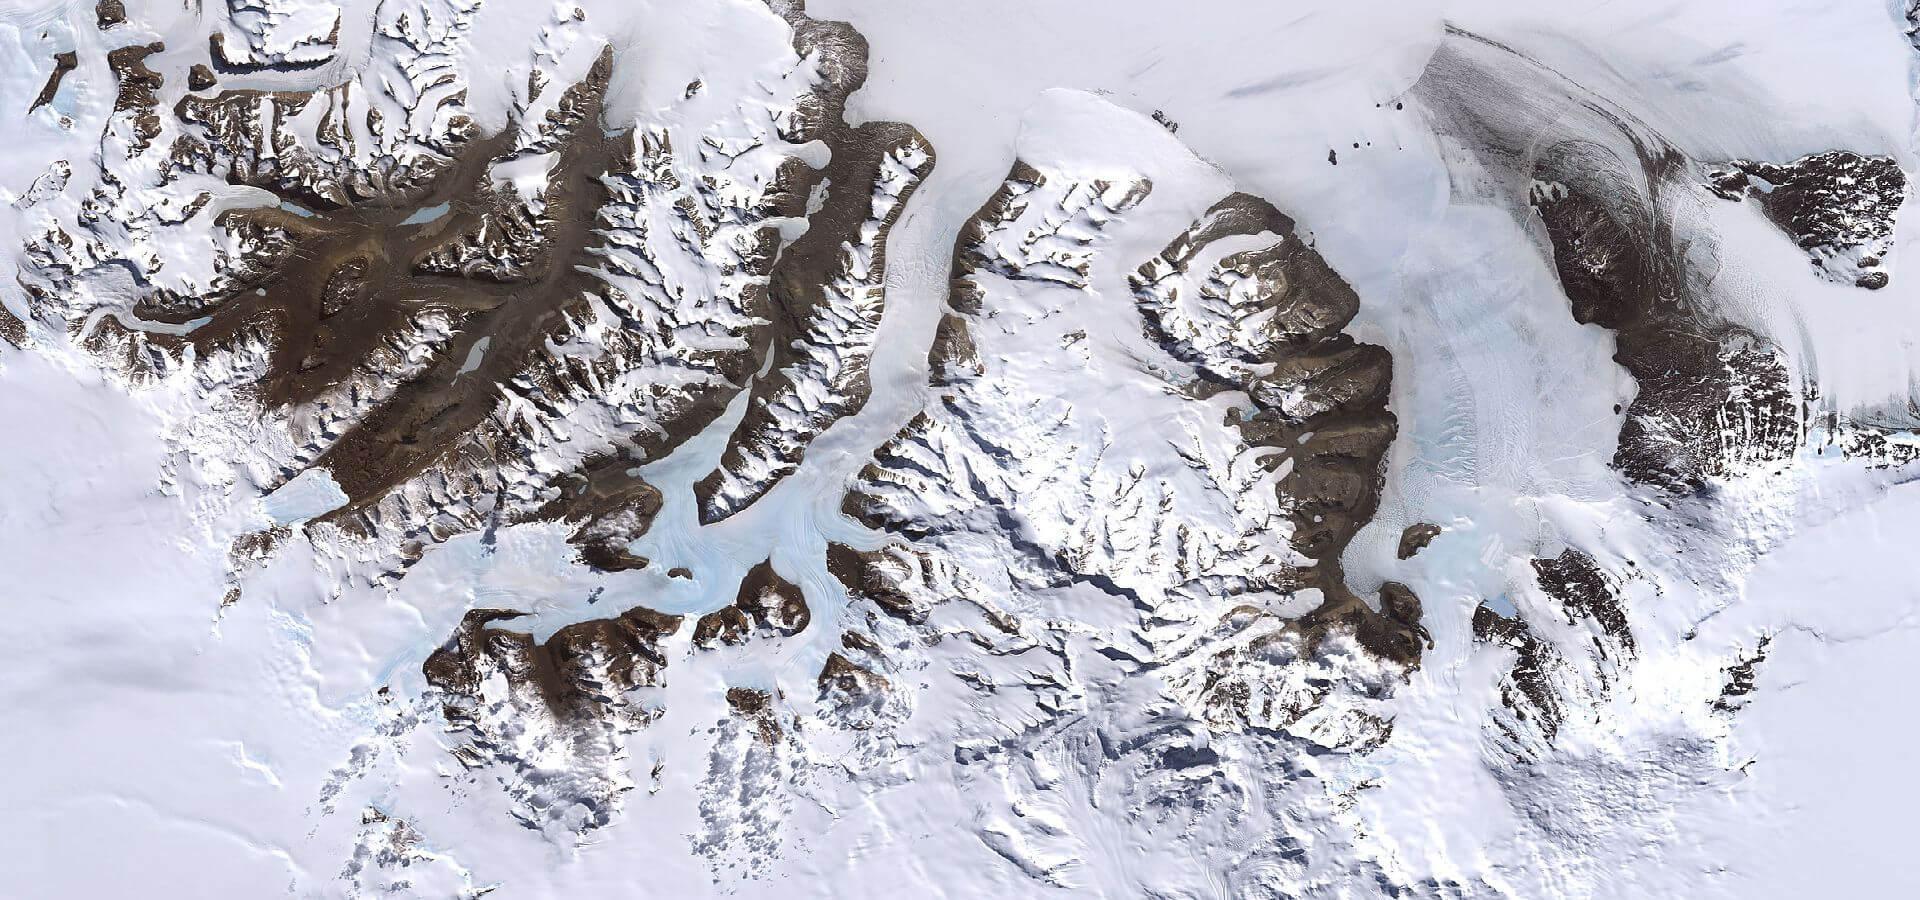 دانشمندان به دنبال موجودات میکروسکوپی در جنوبگان